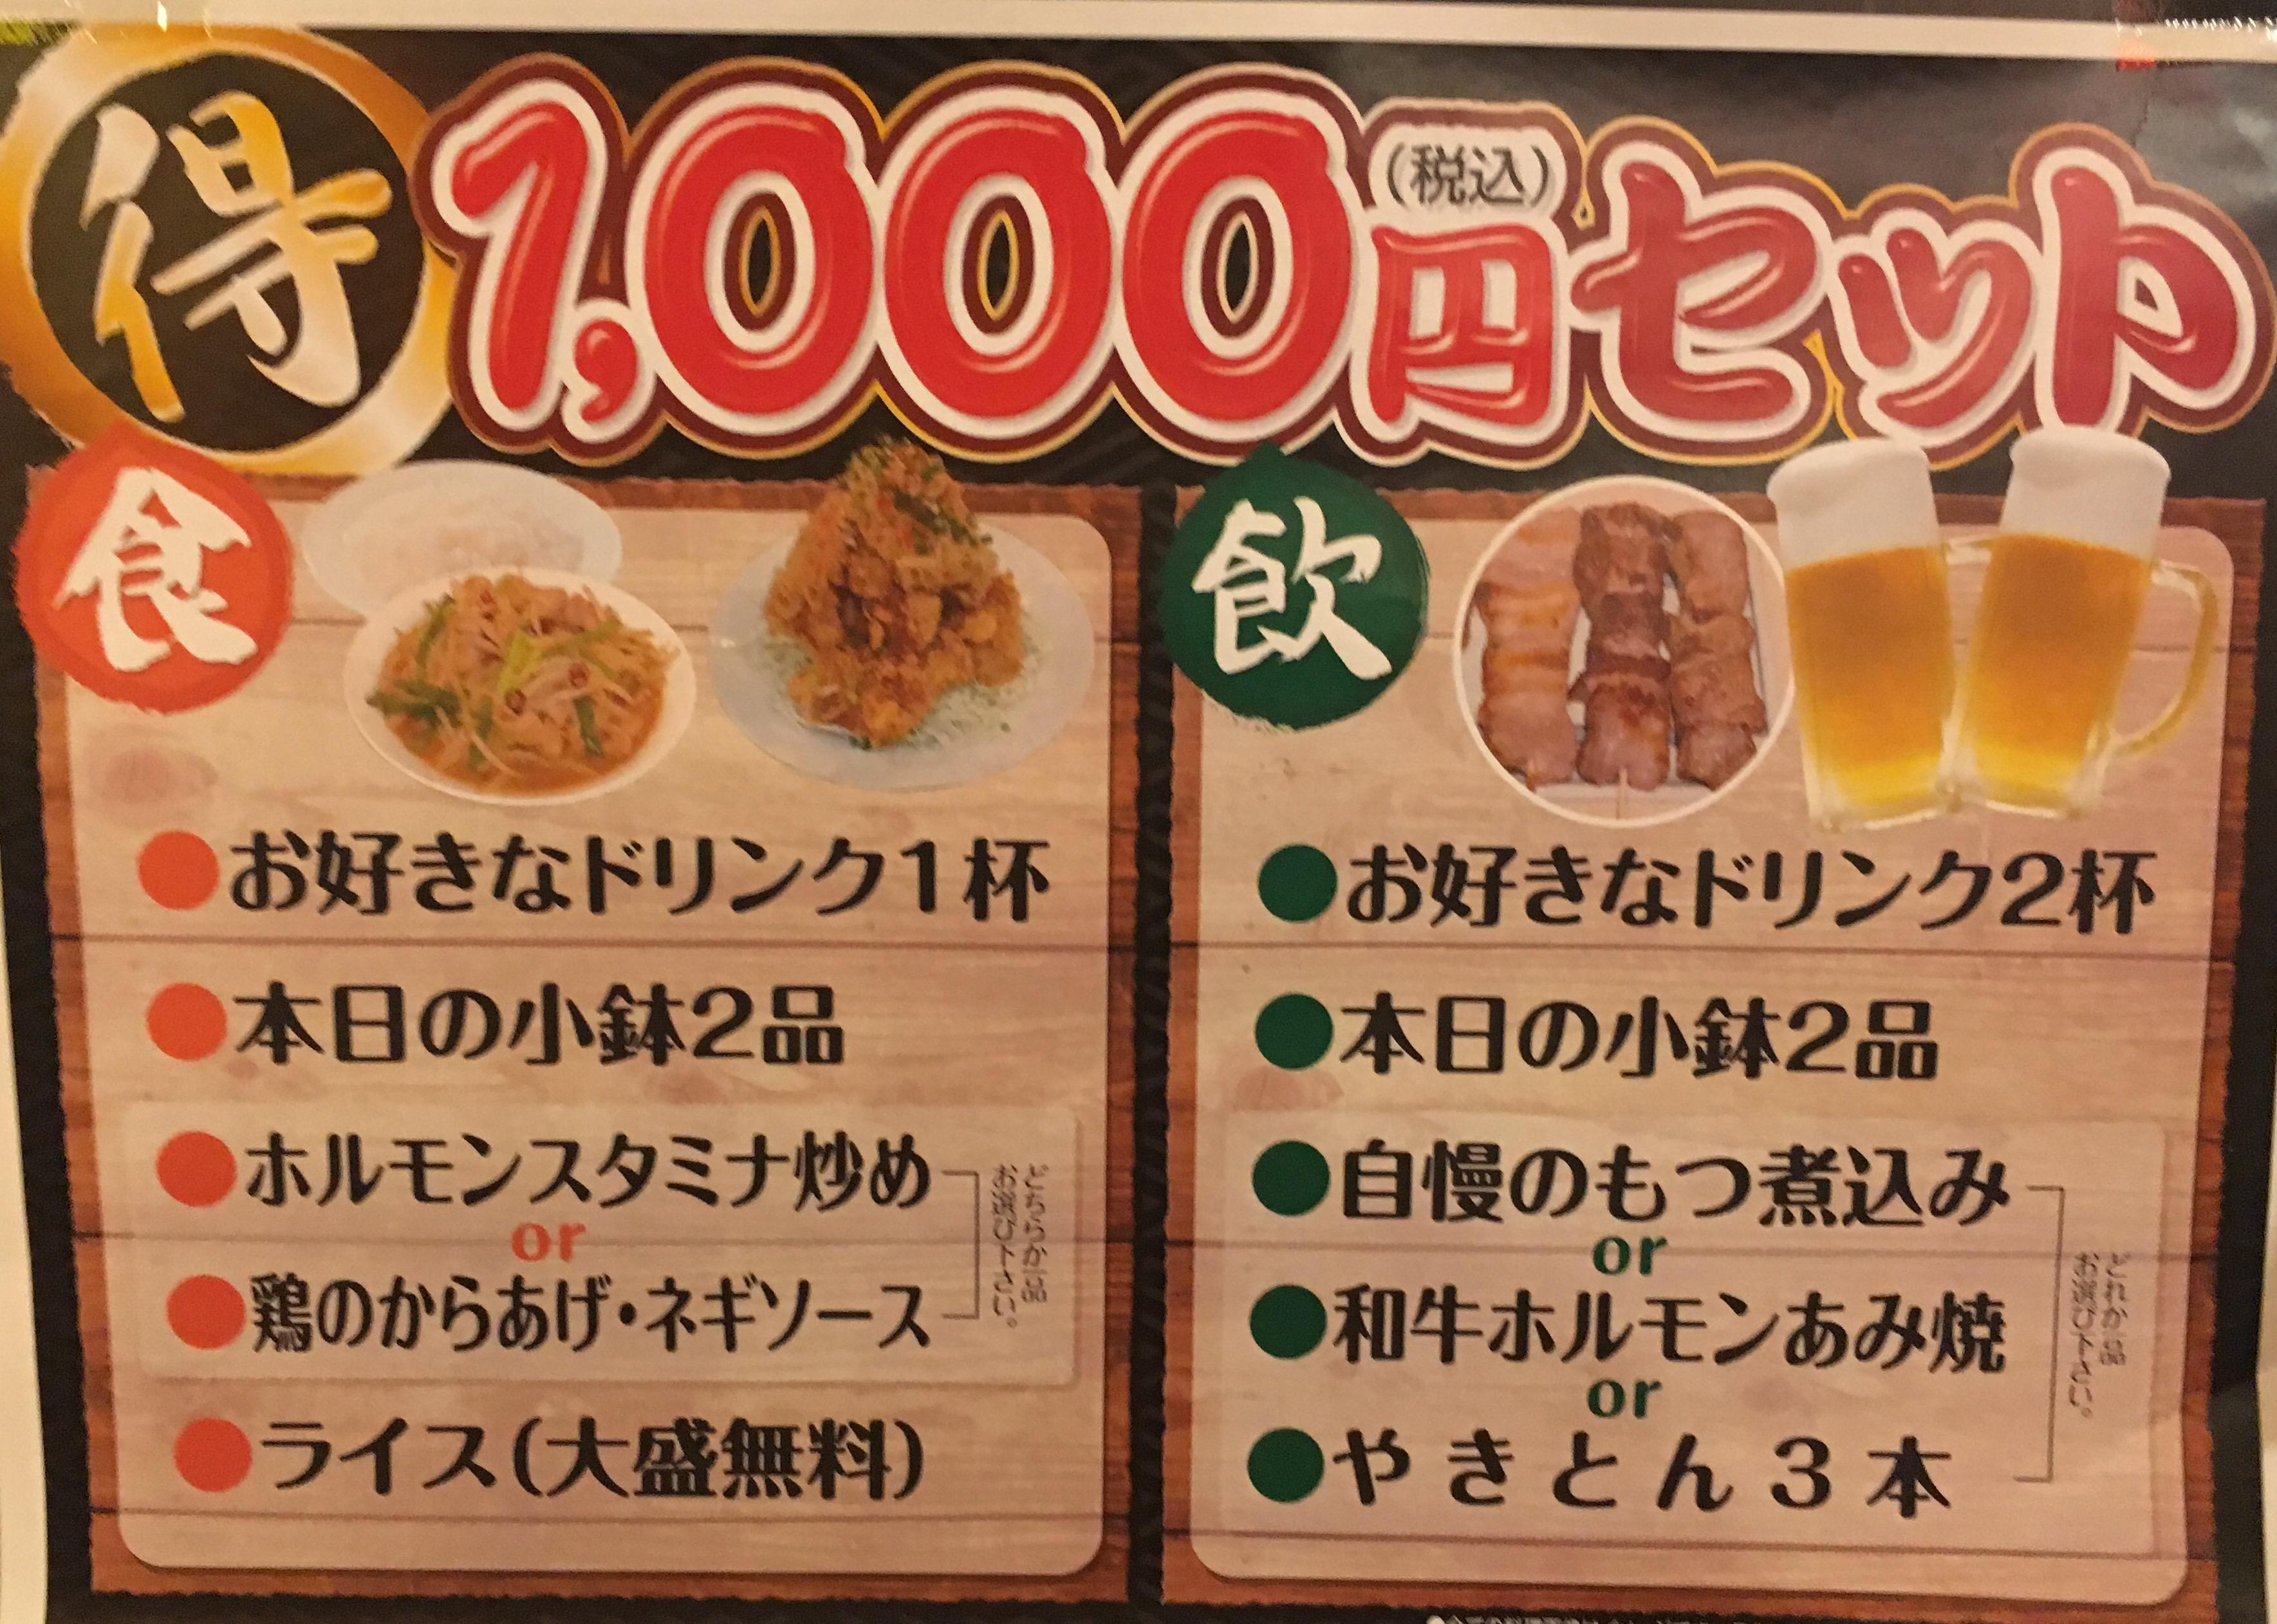 八王子もつ焼きエビス参の1000円セットがチョイ飲みの夏